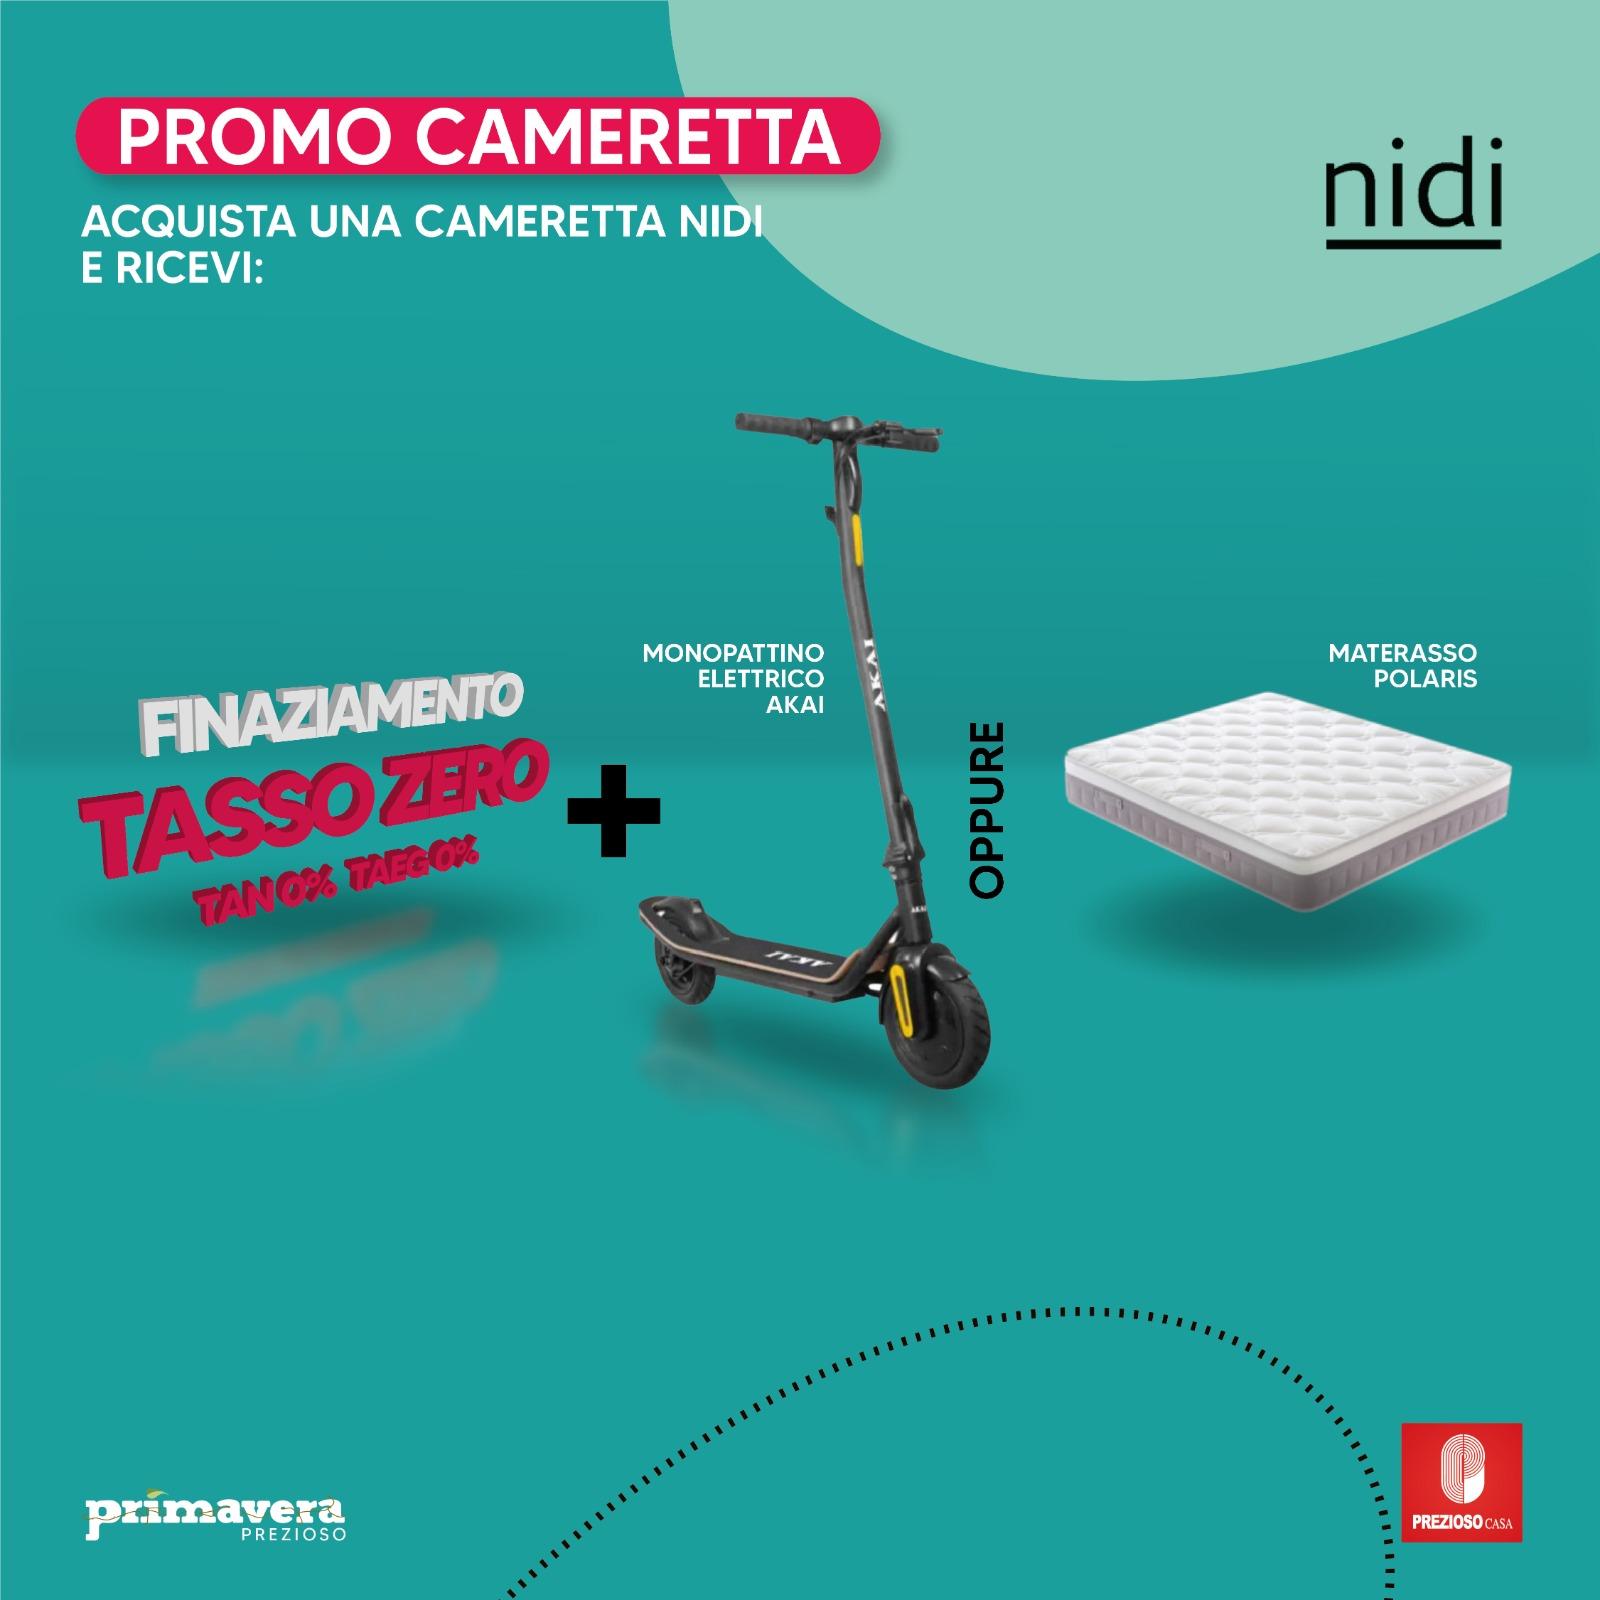 Promo Cameretta